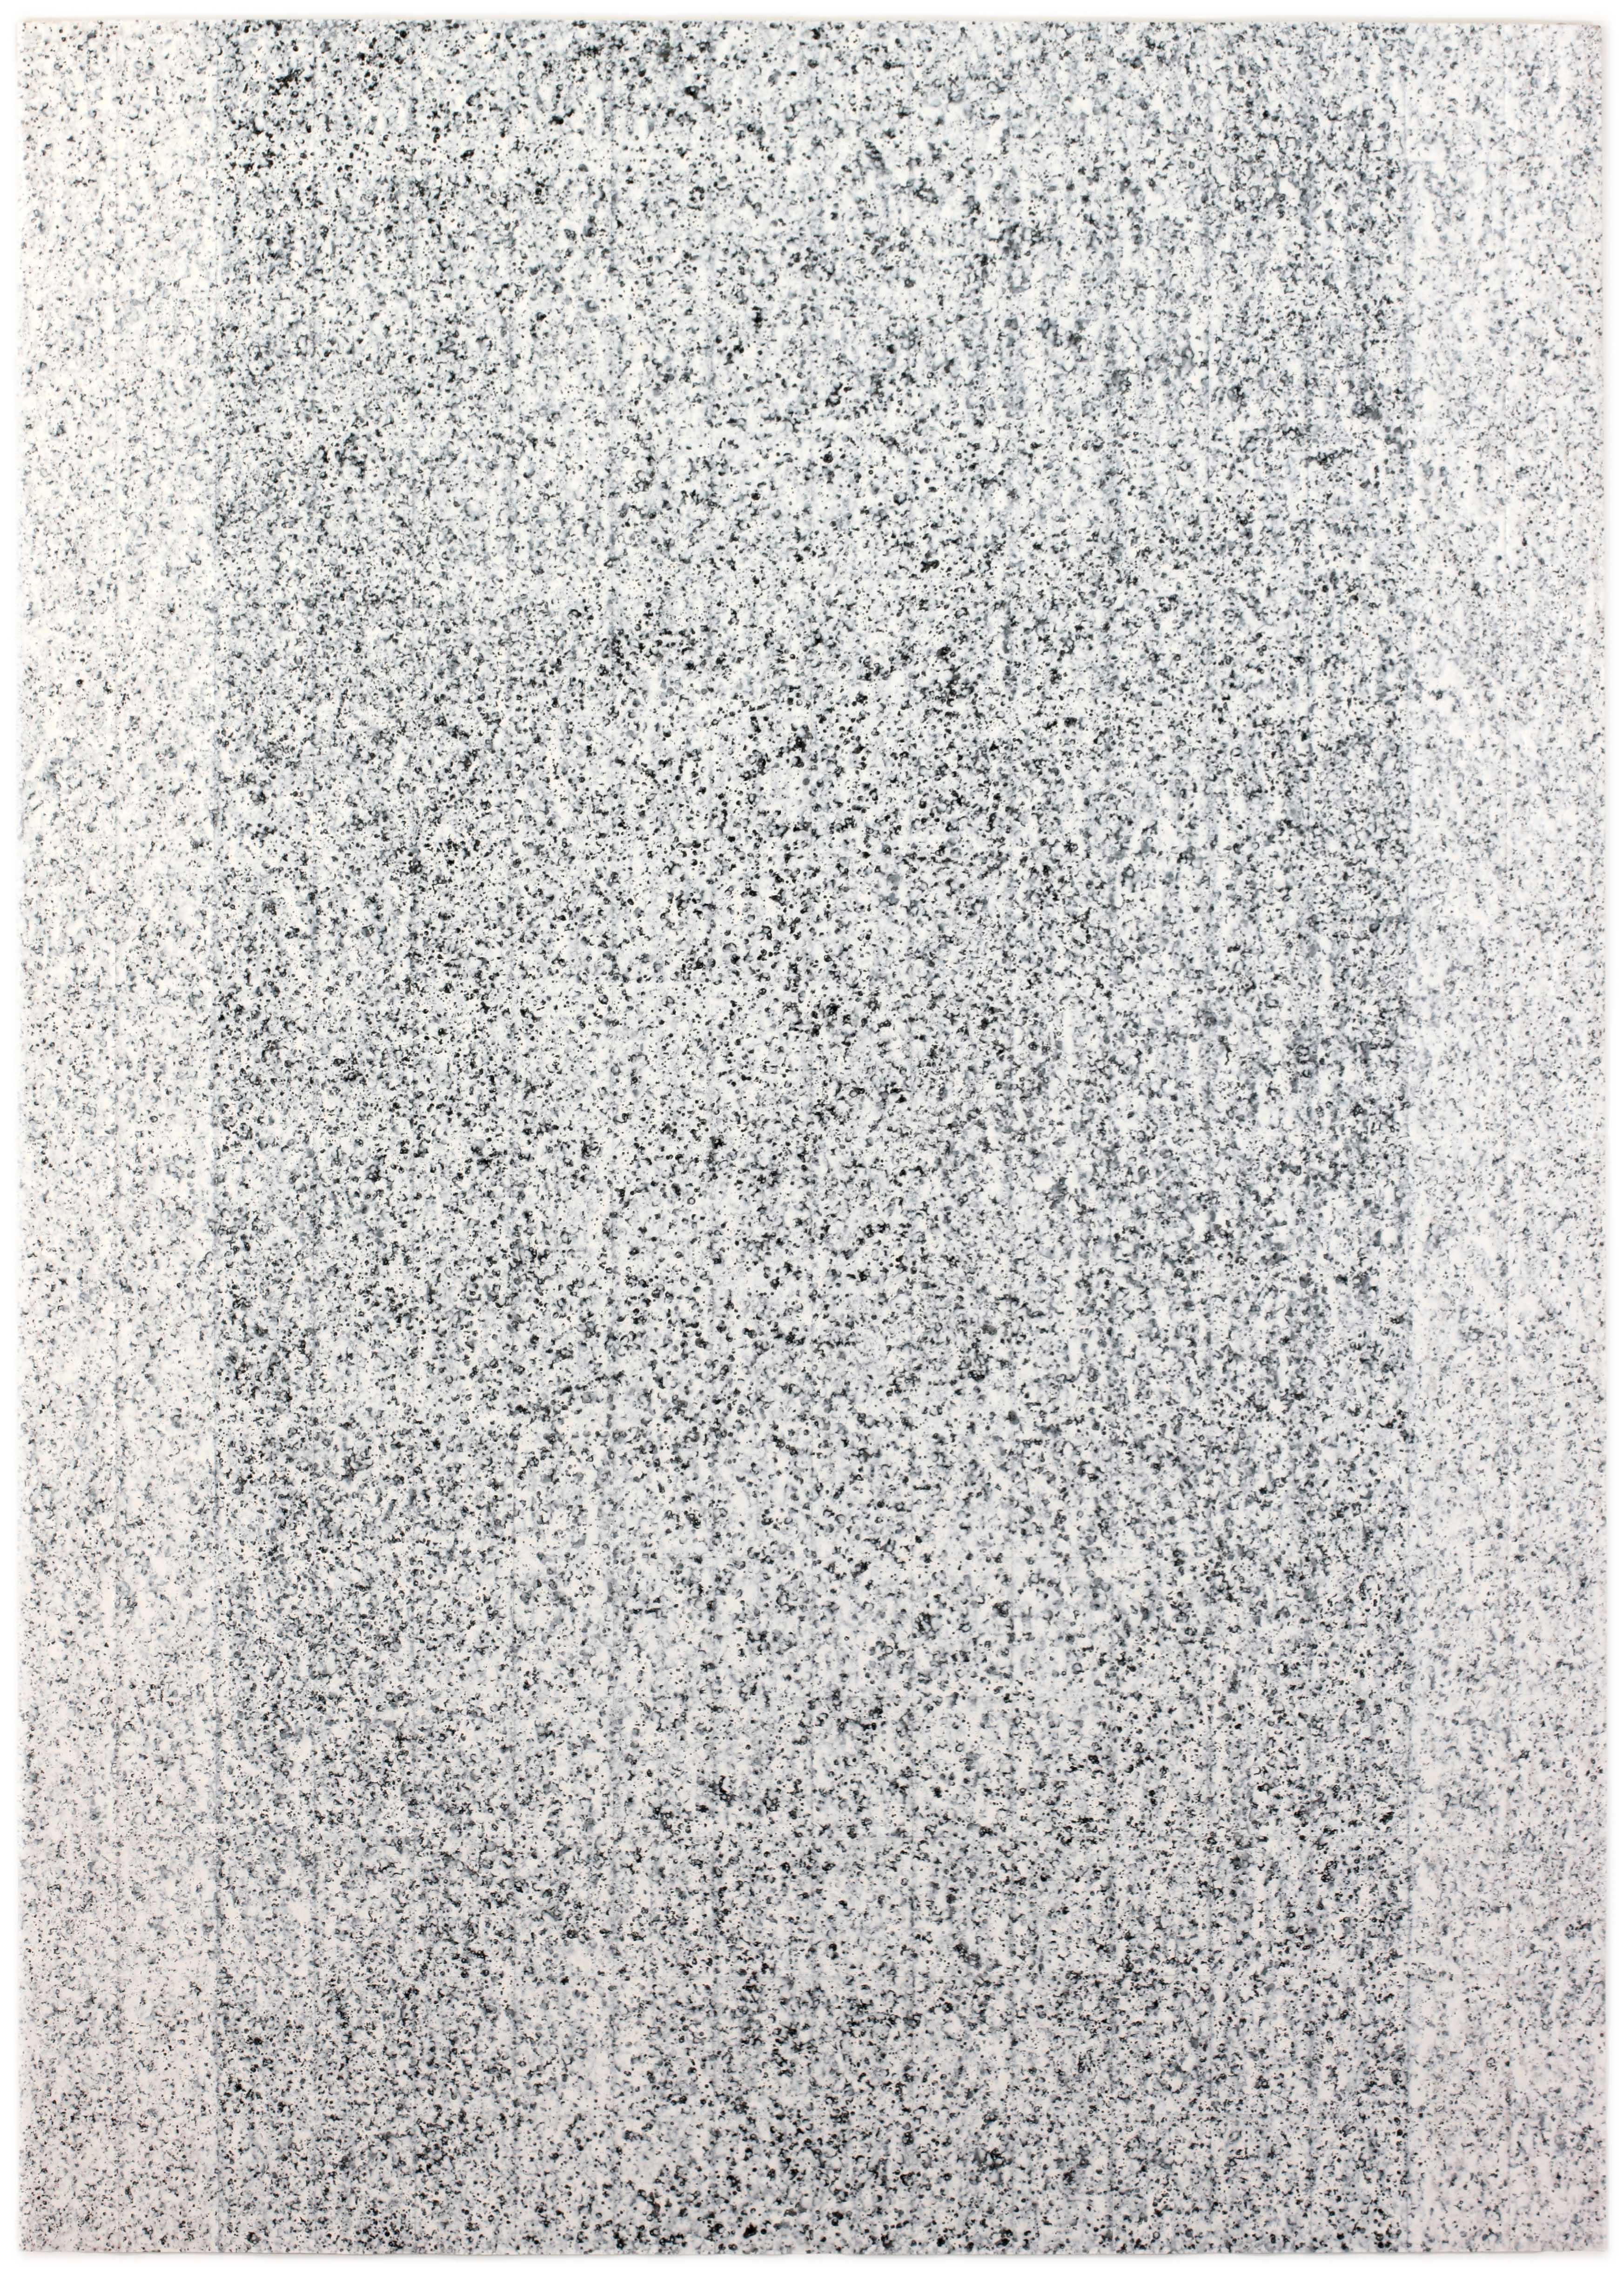 2013, acrylique sur papier kraft, 220 x 158 cm